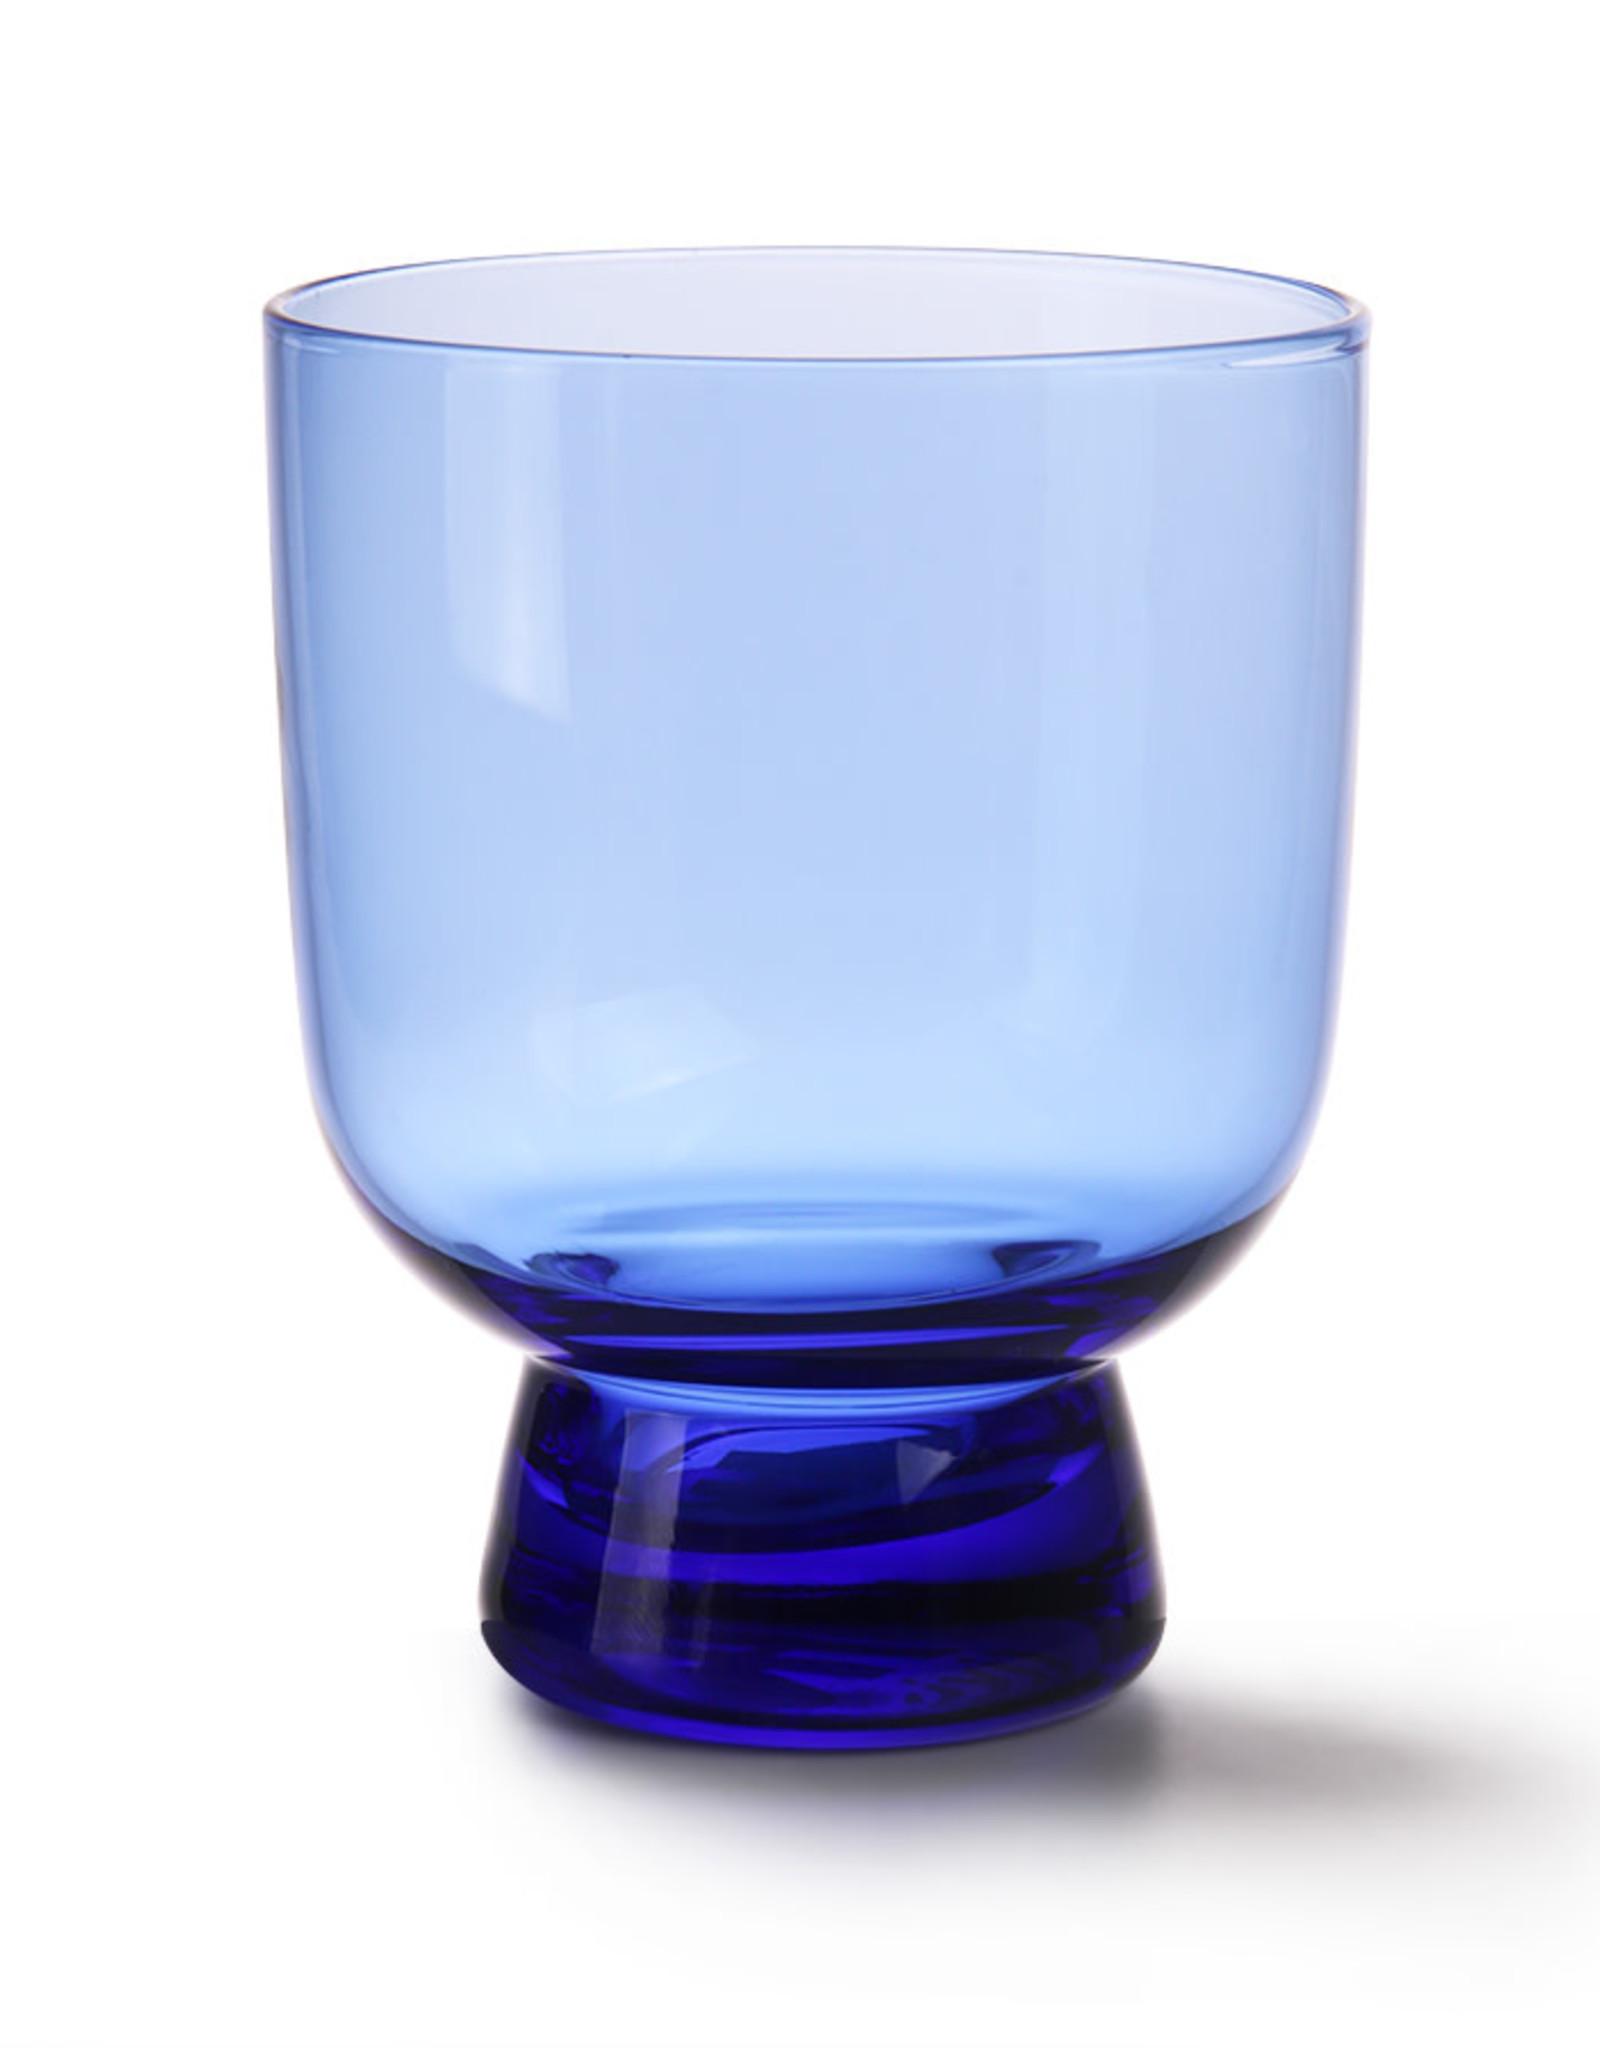 Glas op voetje - Cobalt